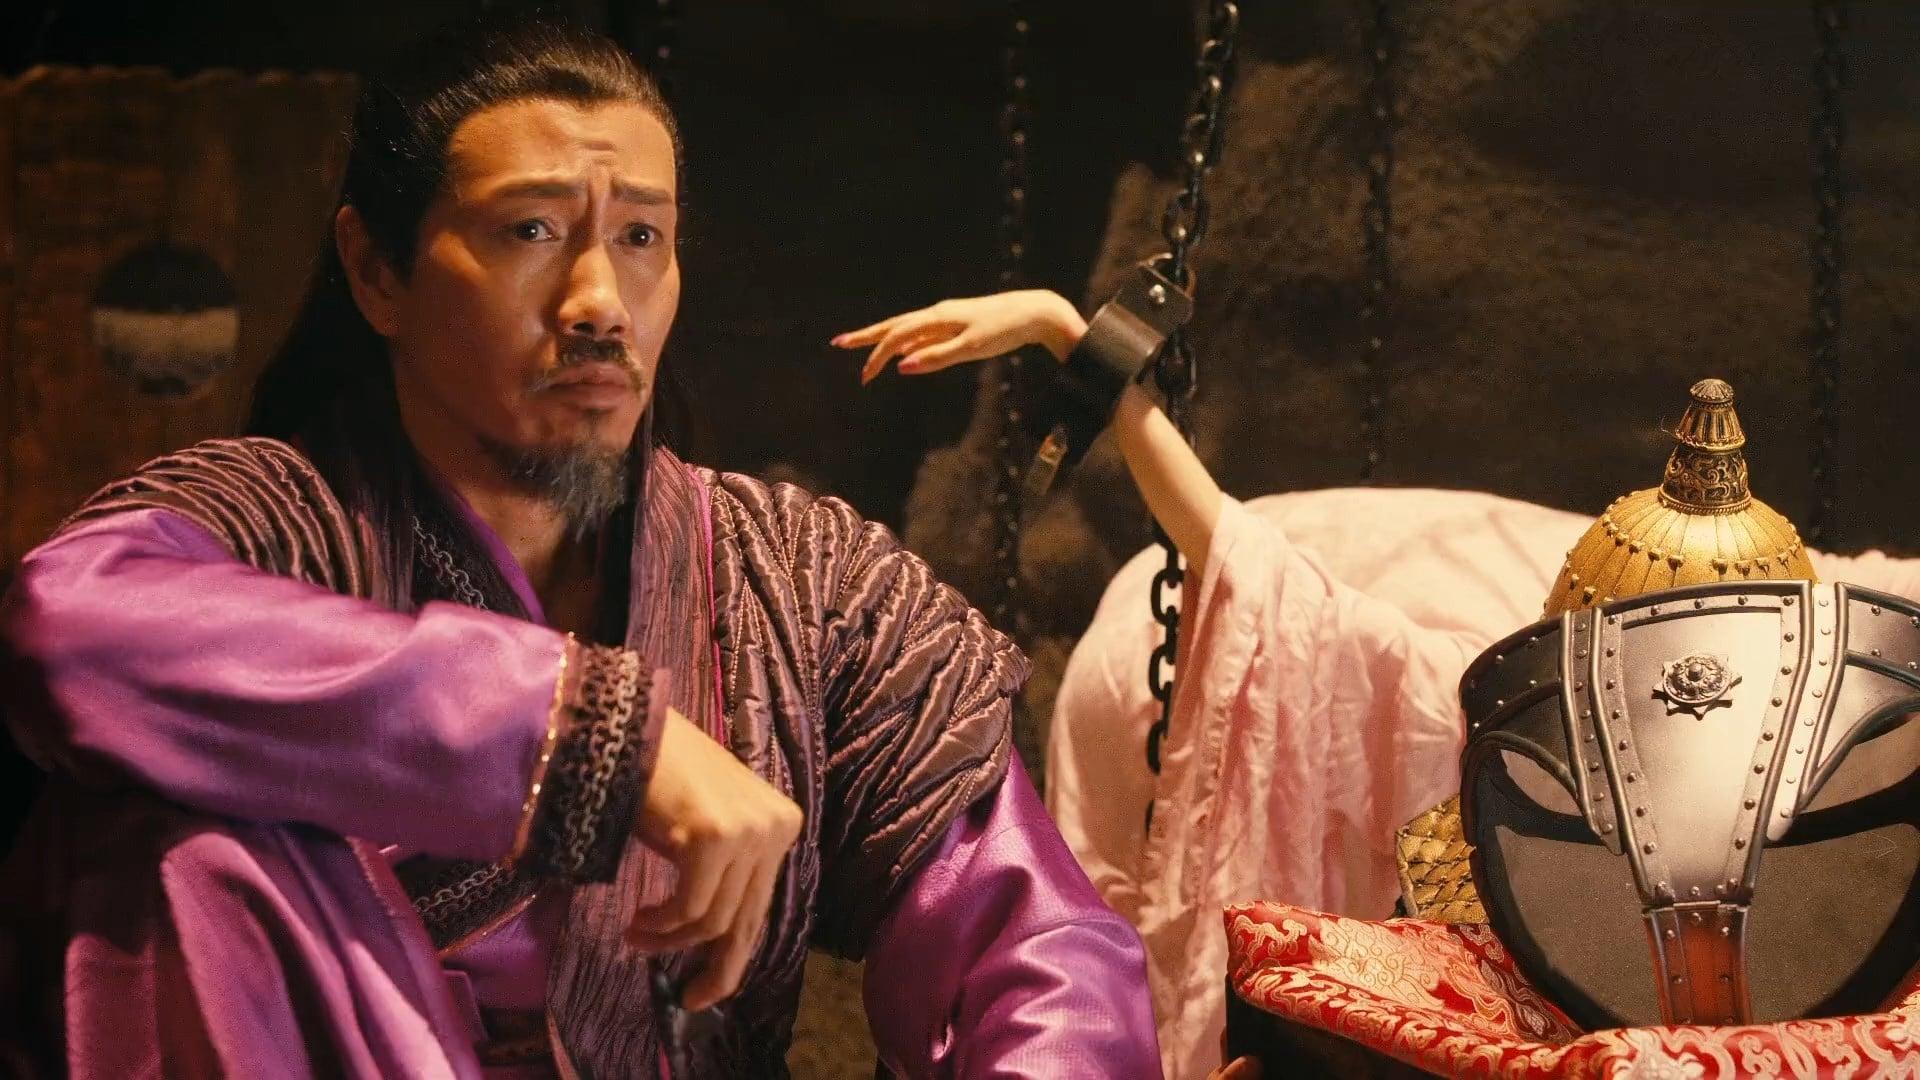 3D肉蒲團之極樂寶鑑 (2011)